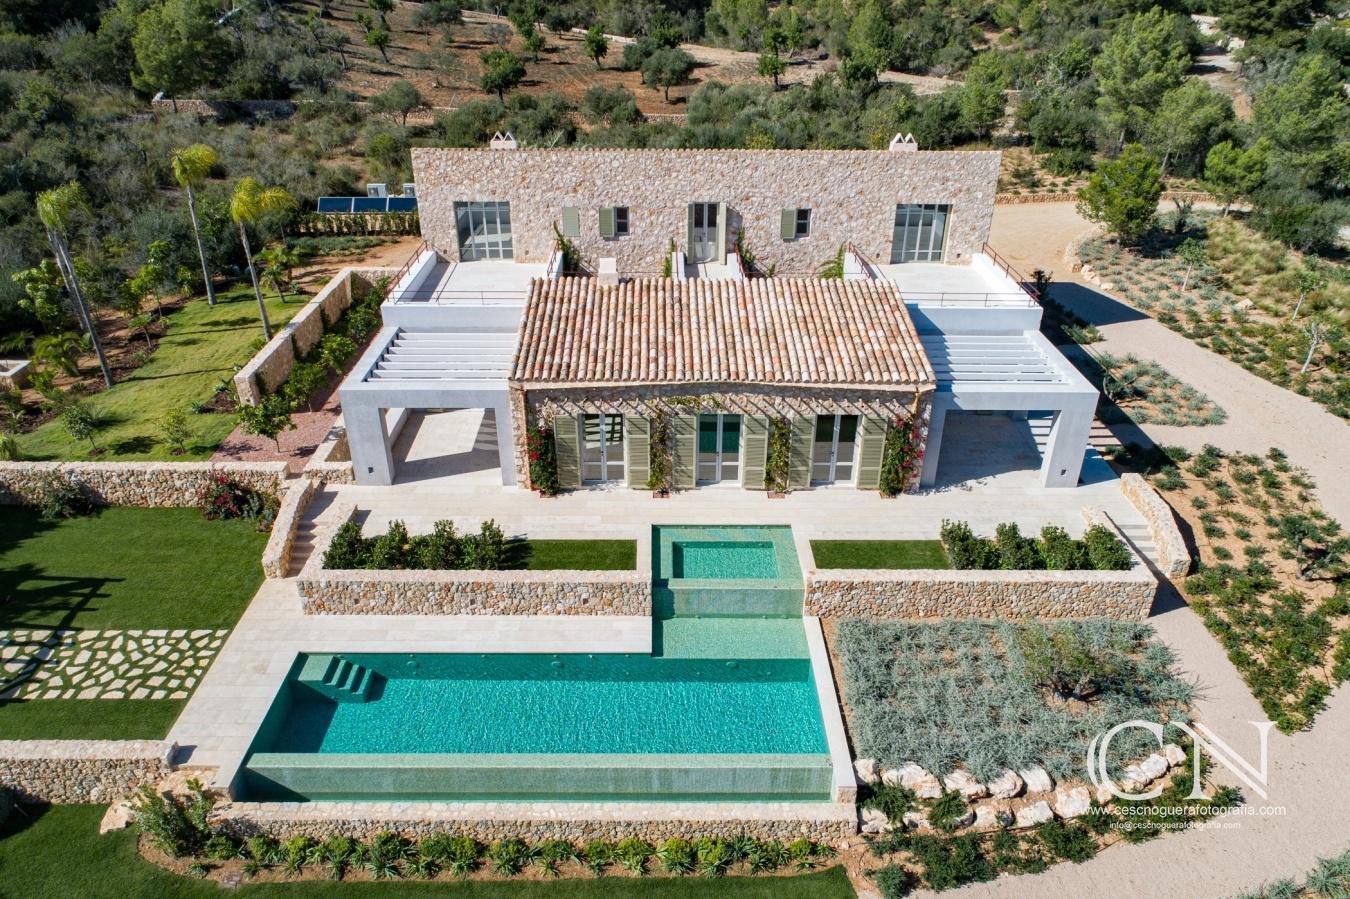 Fotografia aèria  - Cesc Noguera Photographie, Architectural & Interior design photographer / Landscape Photography